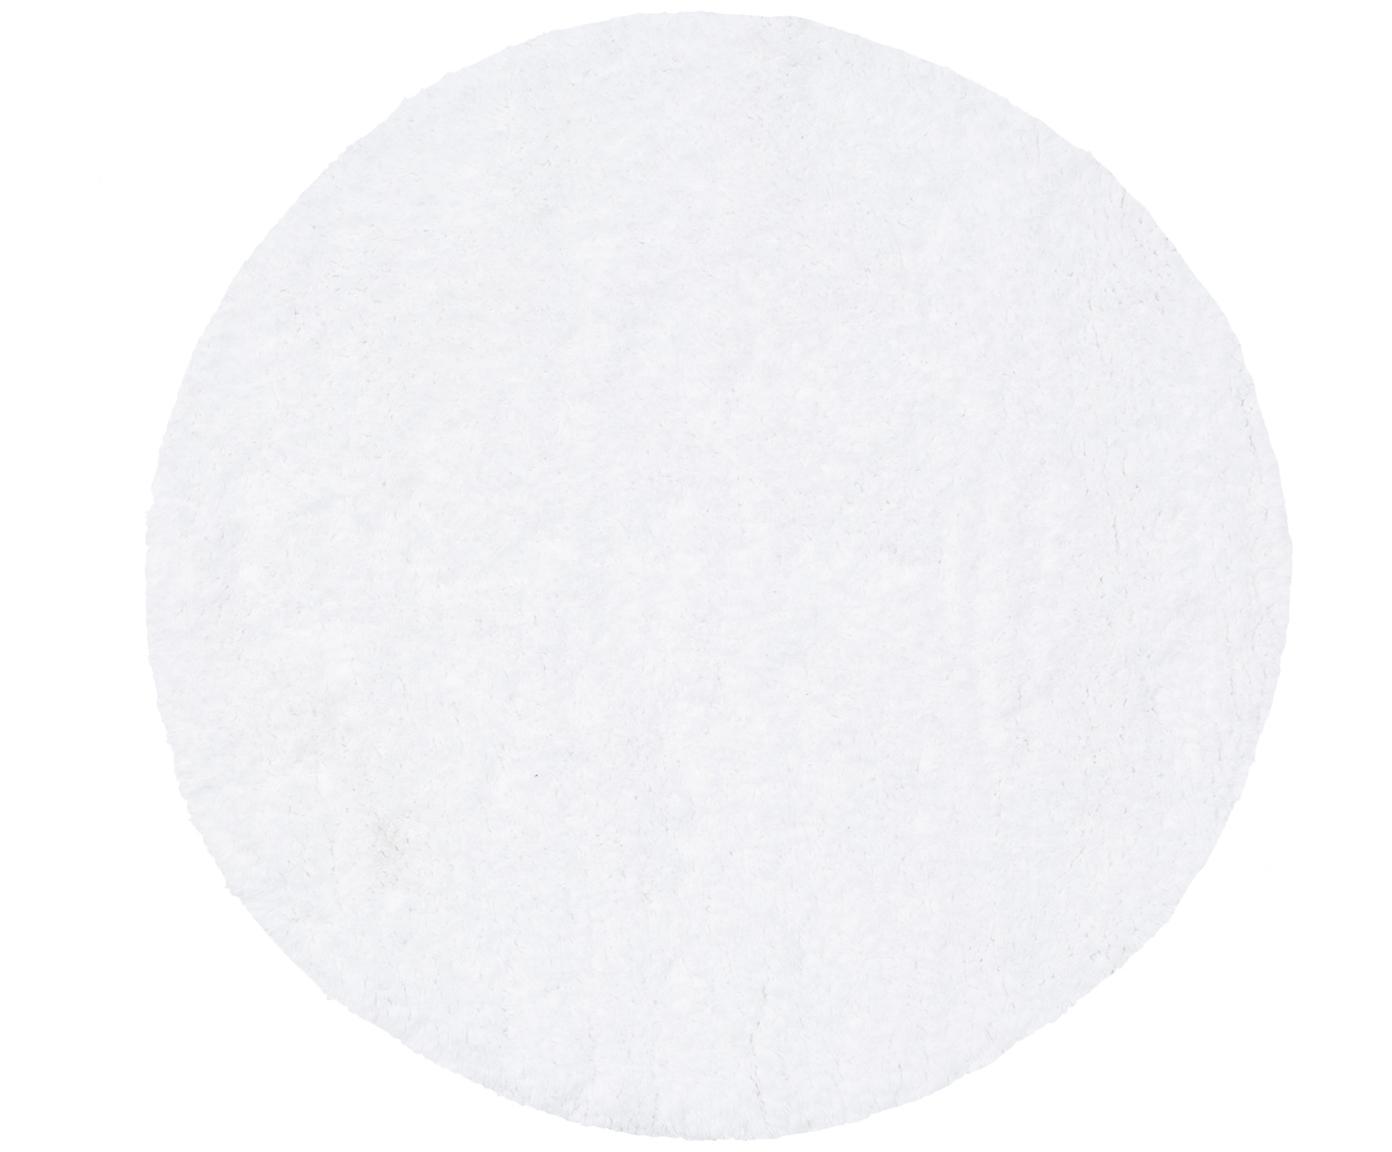 Alfombrilla de baño pequeña Luna, Blanco, Ø 60 cm